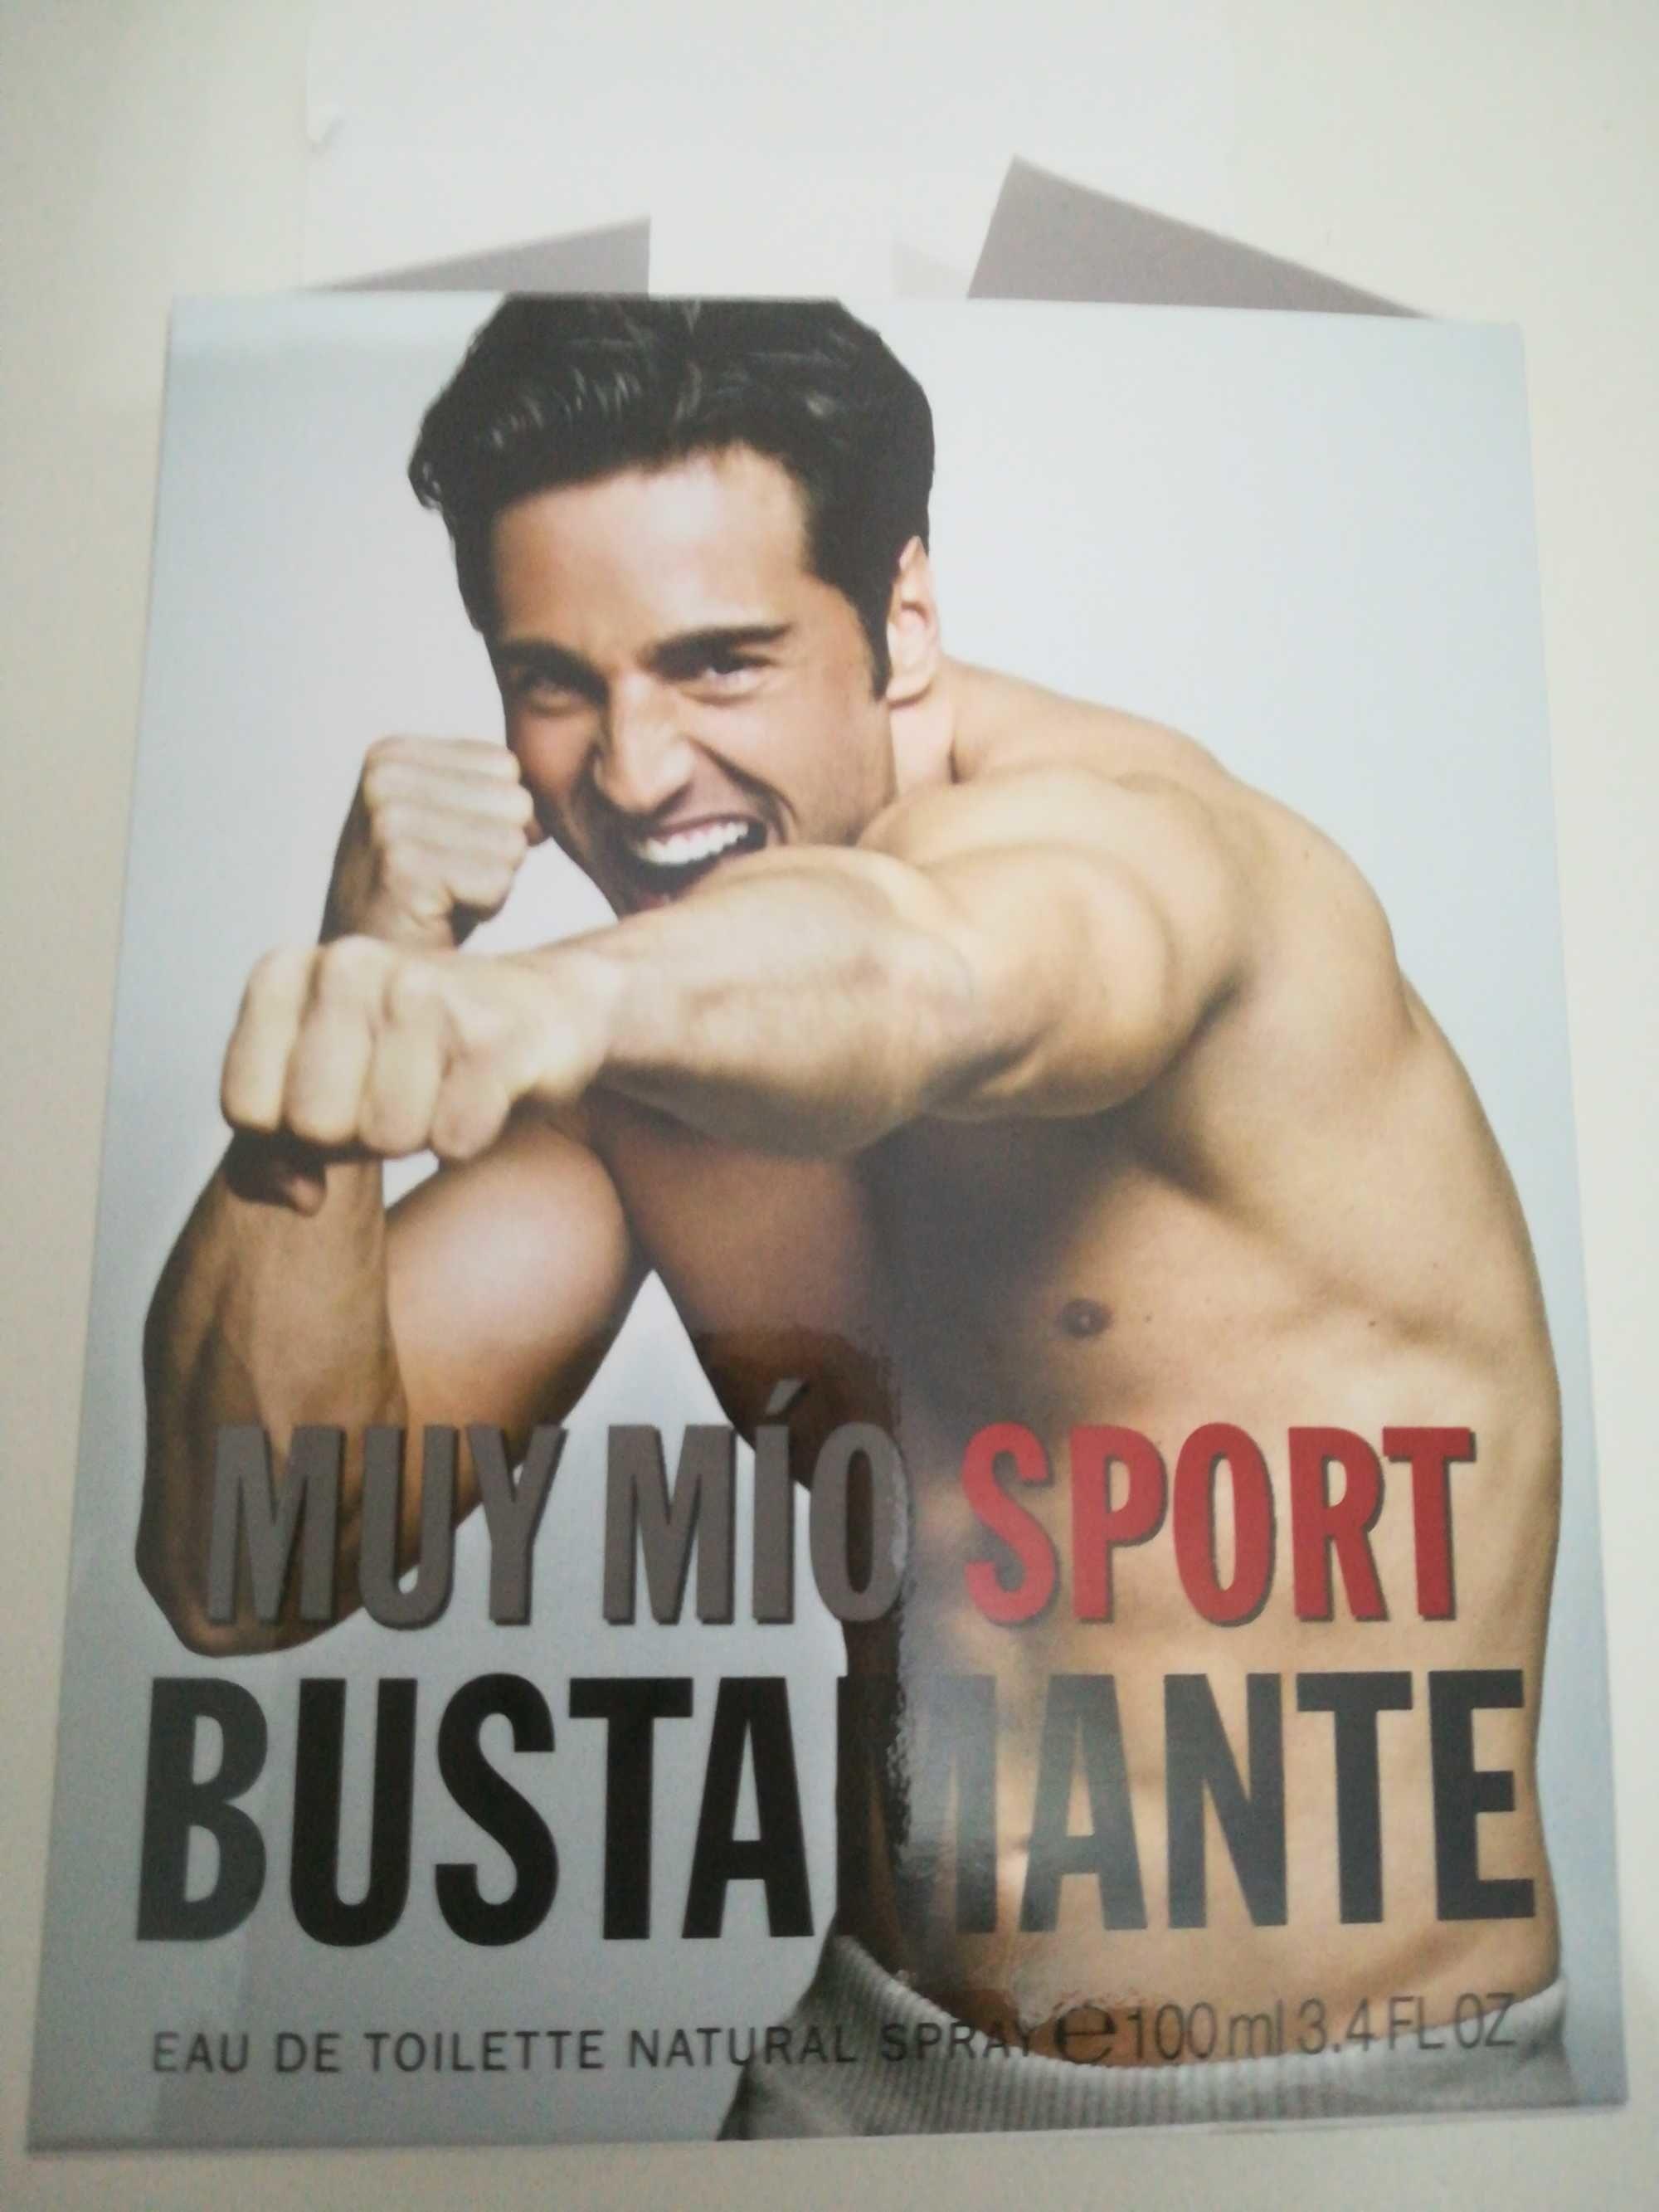 Muy Mio Sport Bustamante - Product - es